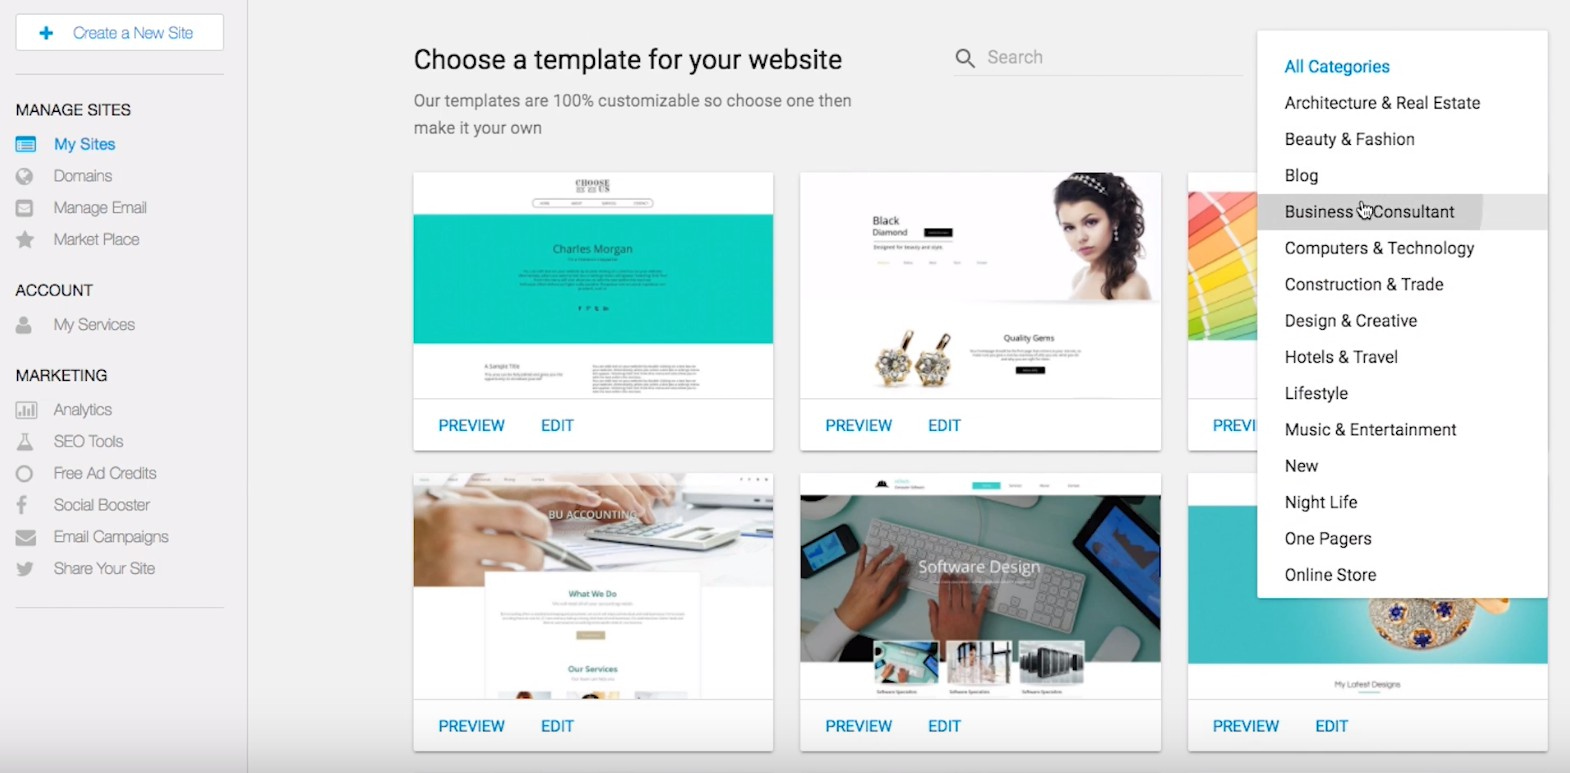 SiteBuilder templates